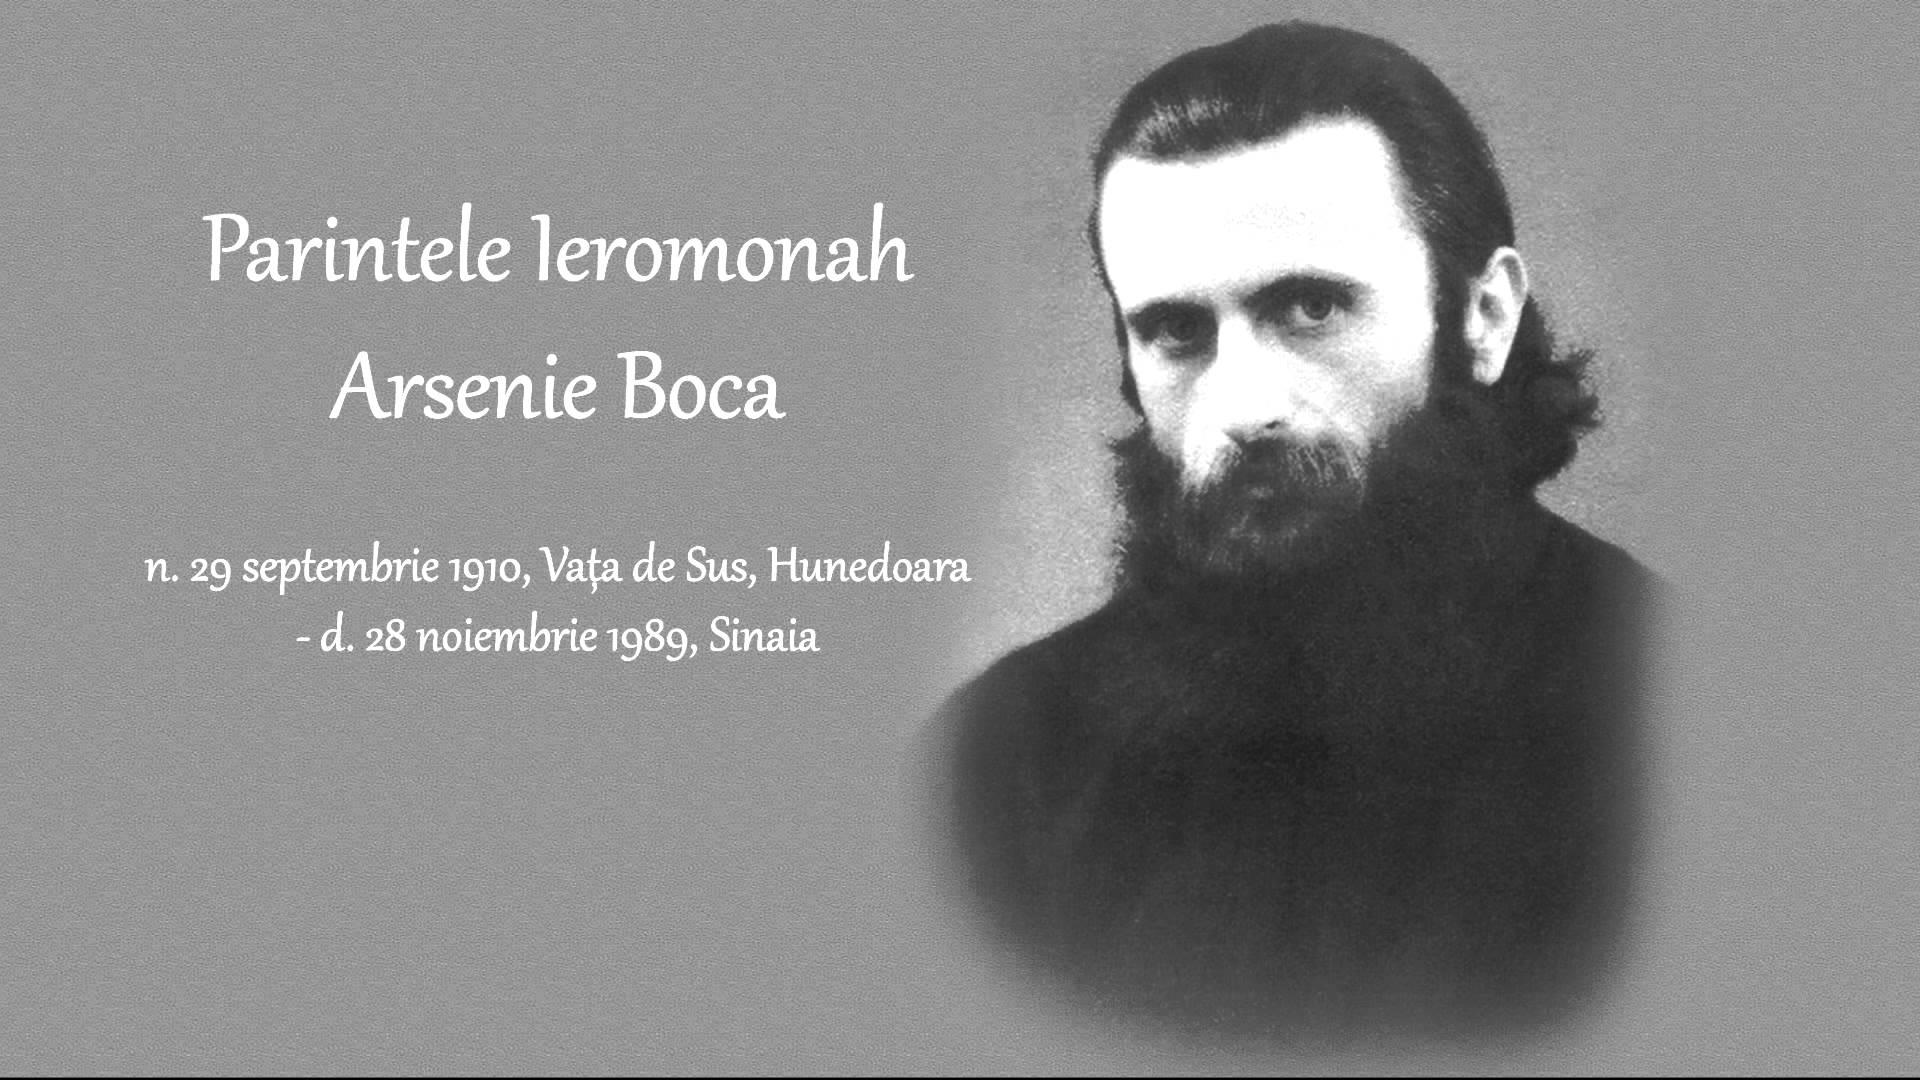 comemorare arsenie boca mii se pelerini se intreapta spre mormântul duhovnicului